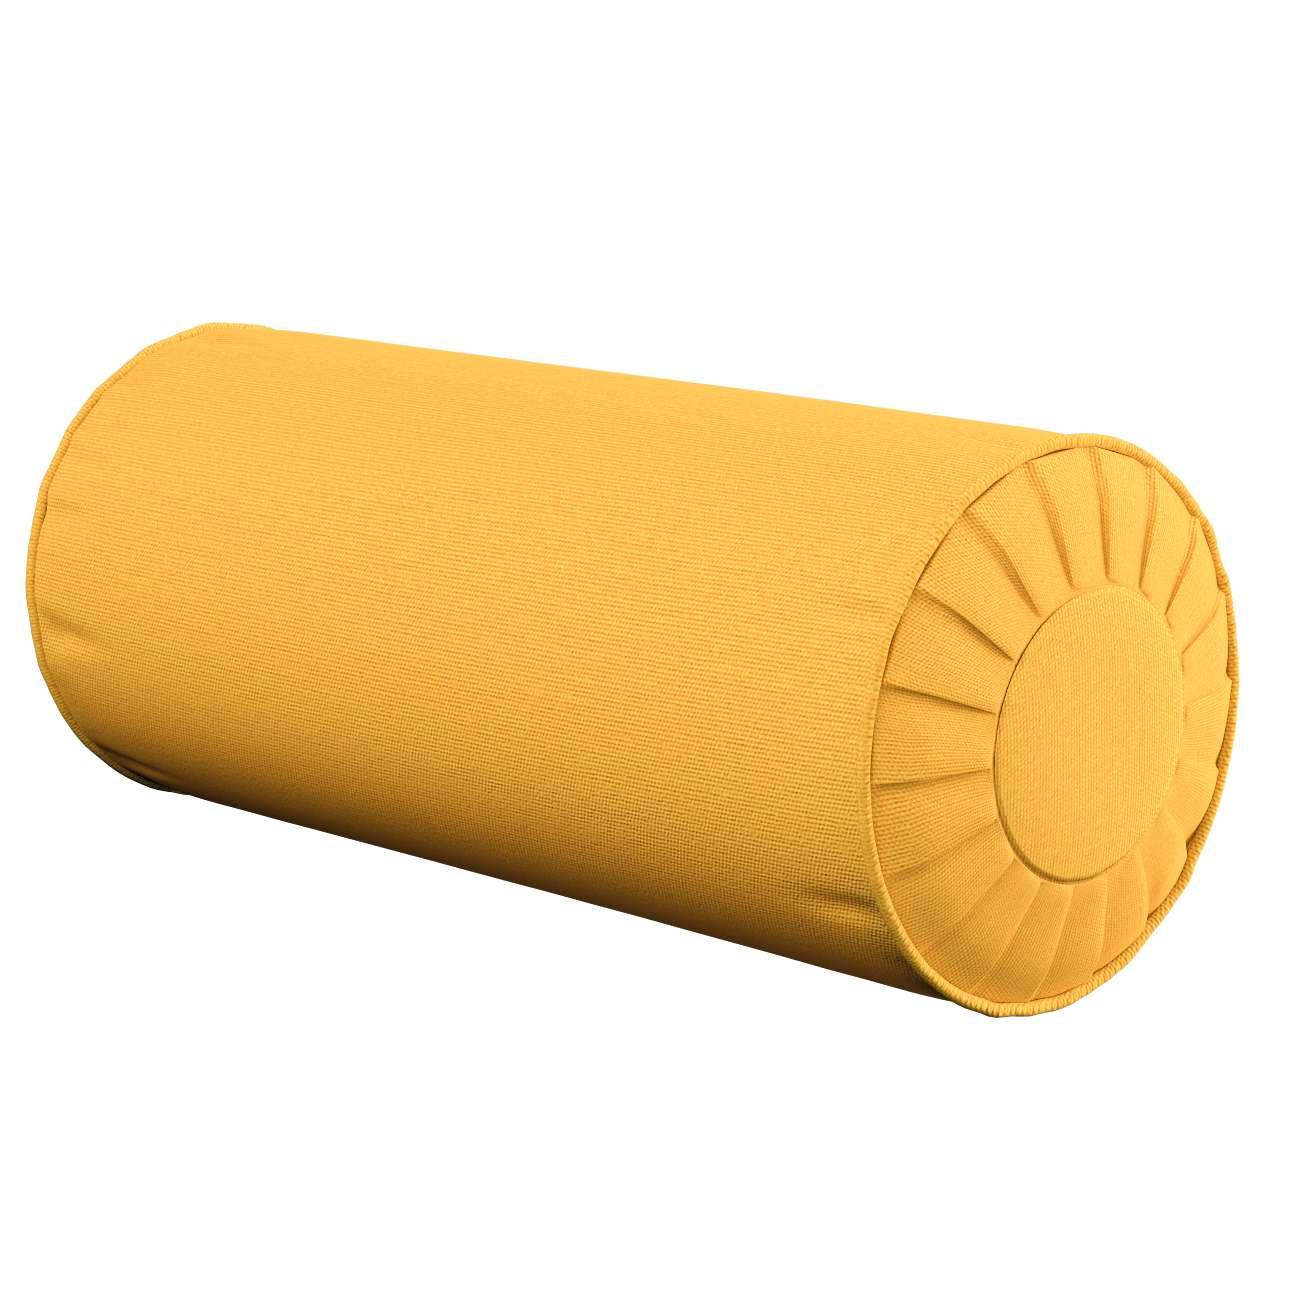 Poduszka wałek z zakładkami w kolekcji Loneta, tkanina: 133-40